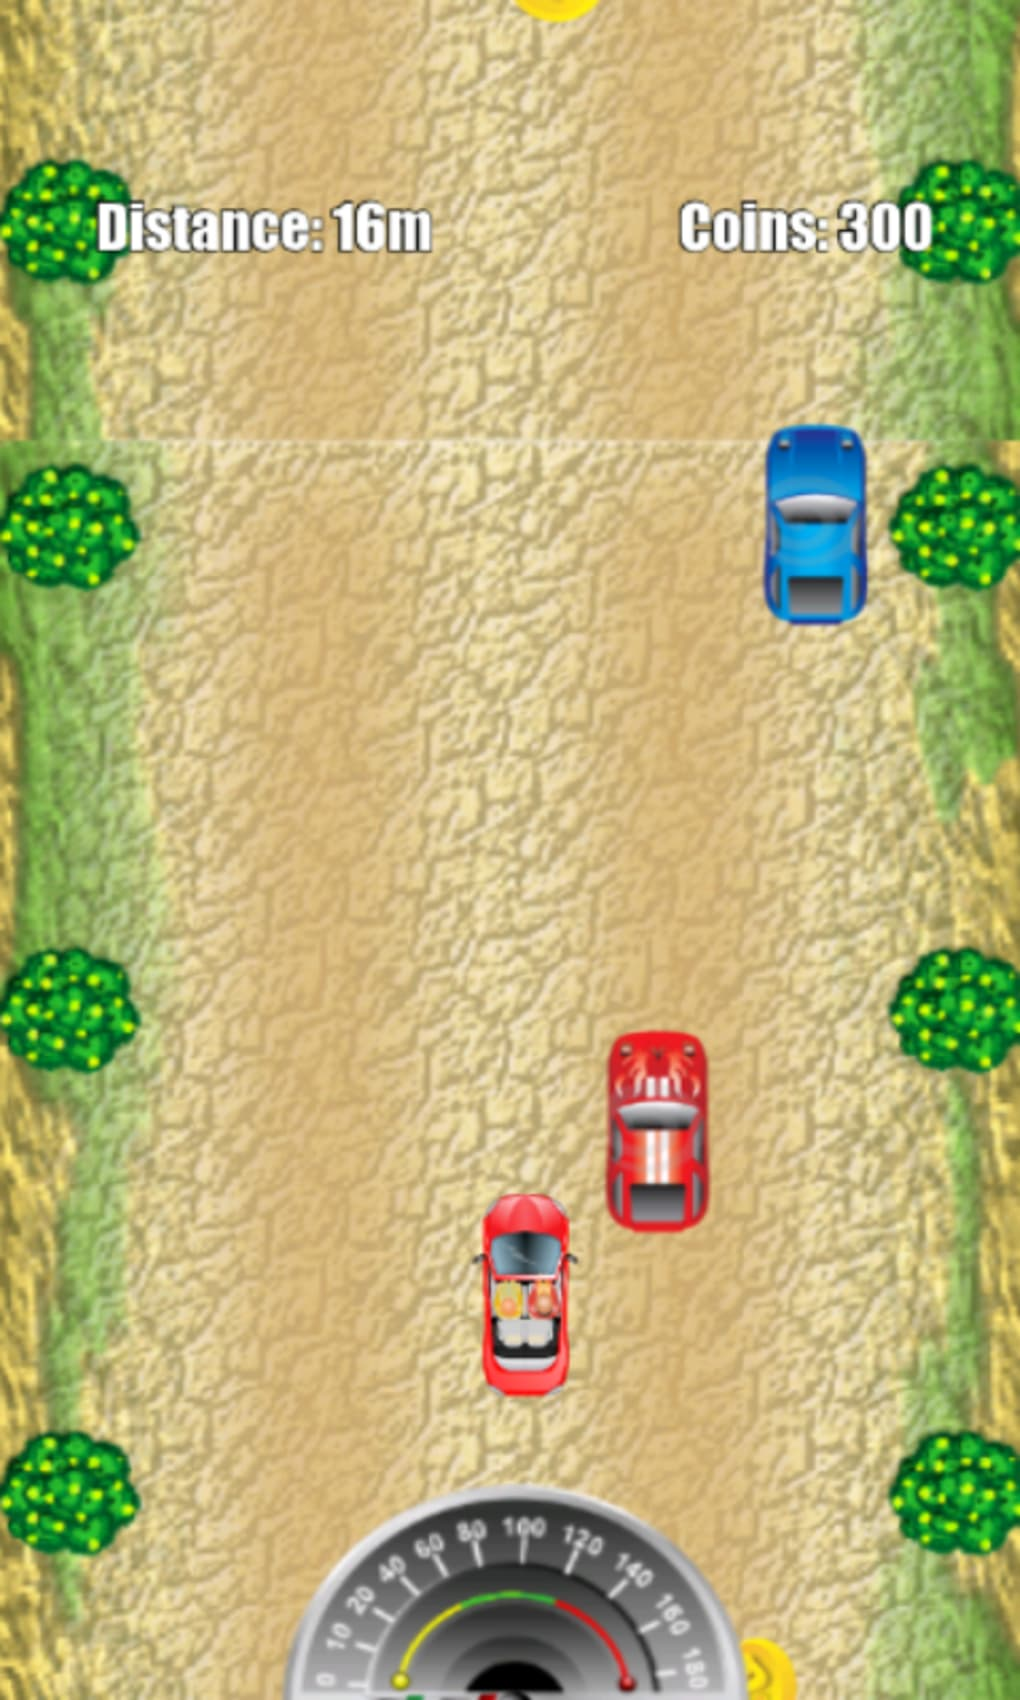 Motu Patlu Car for Android - Download